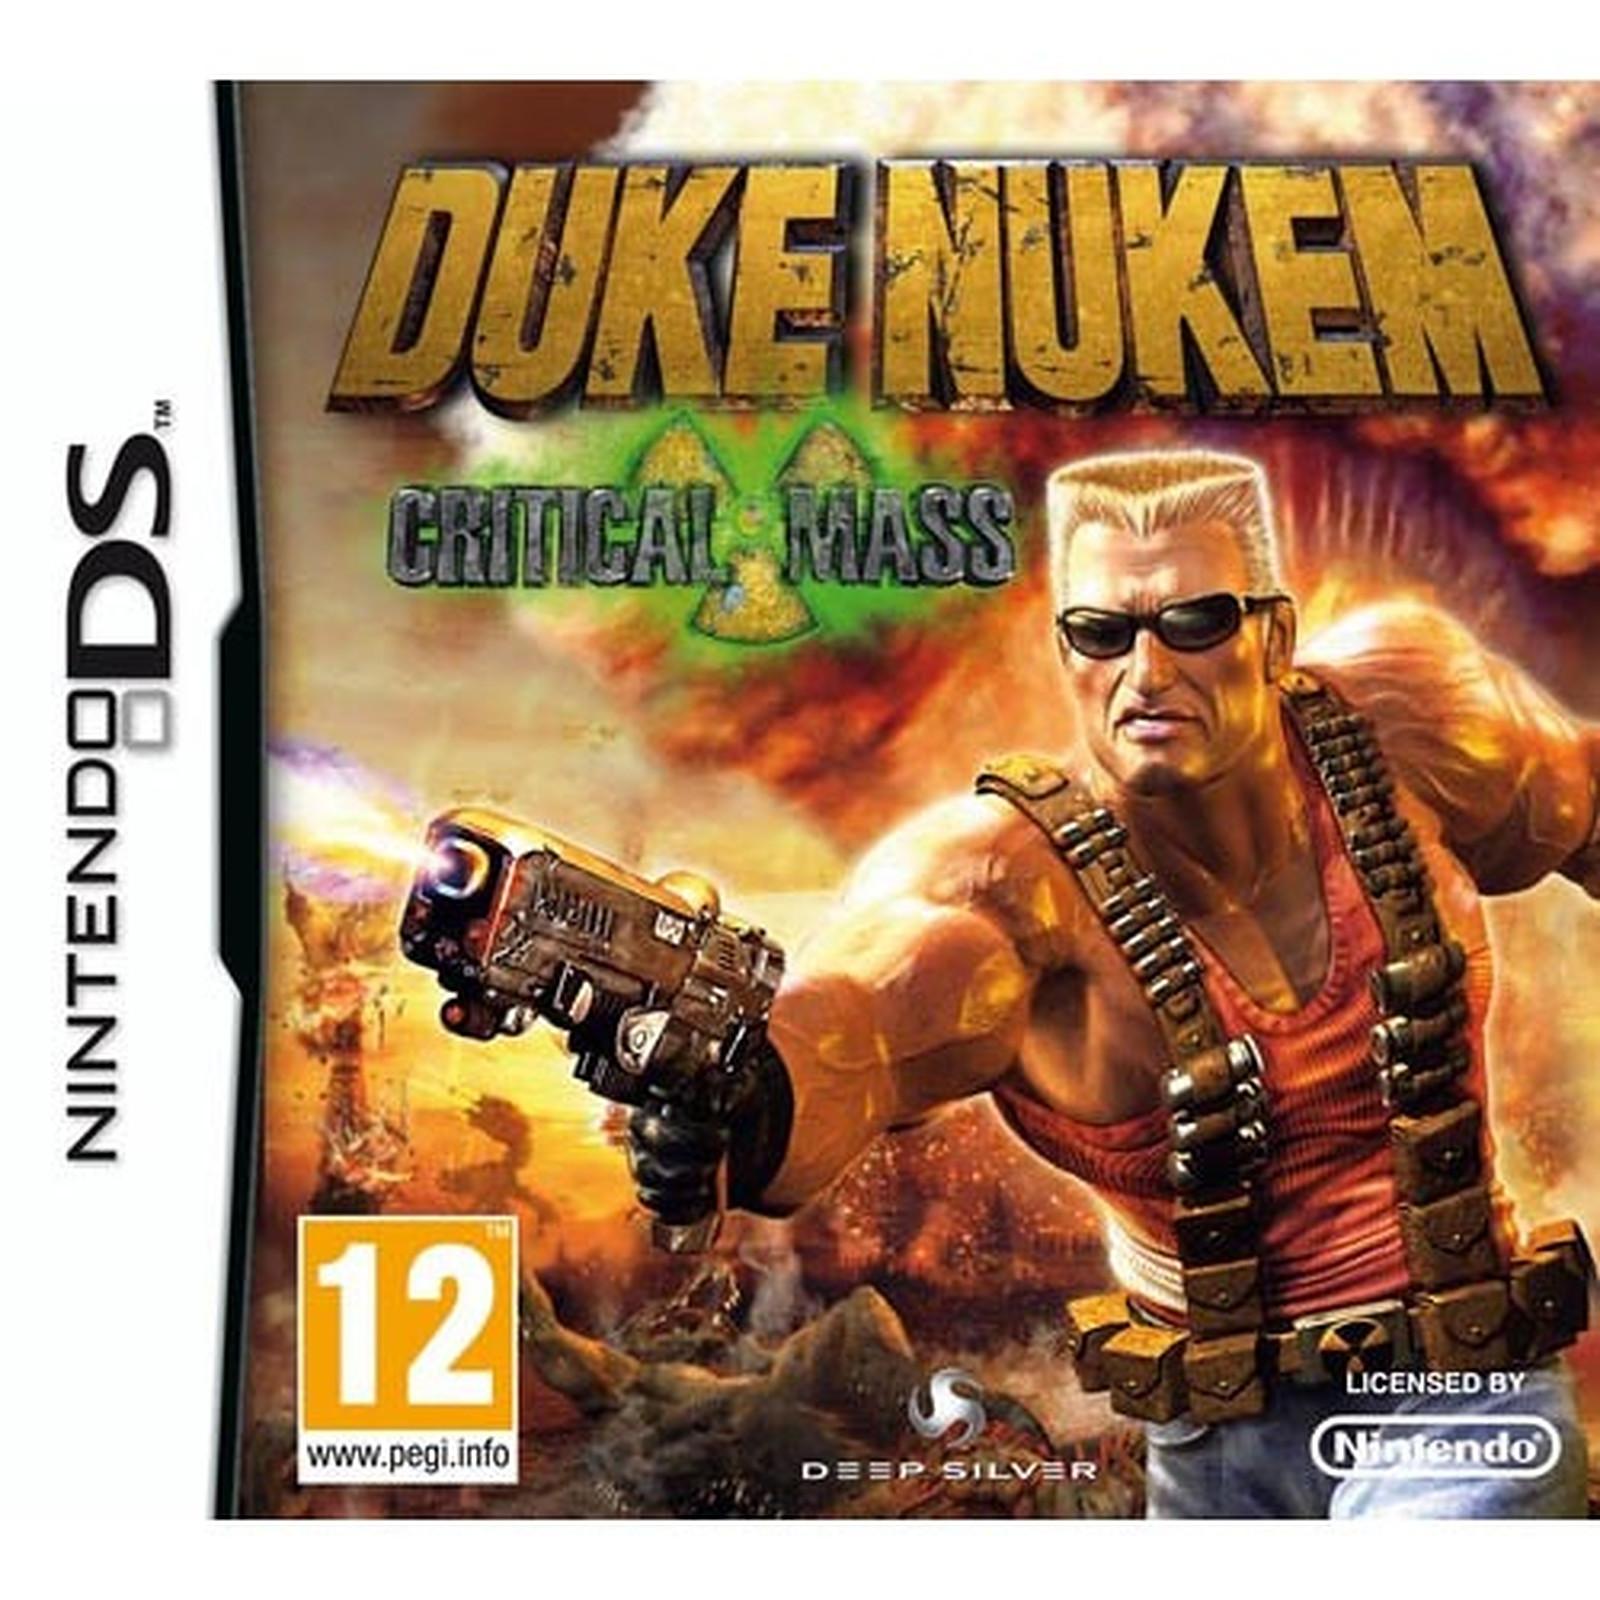 Duke Nukem Trilogy : Critical Mass (Nintendo DS)